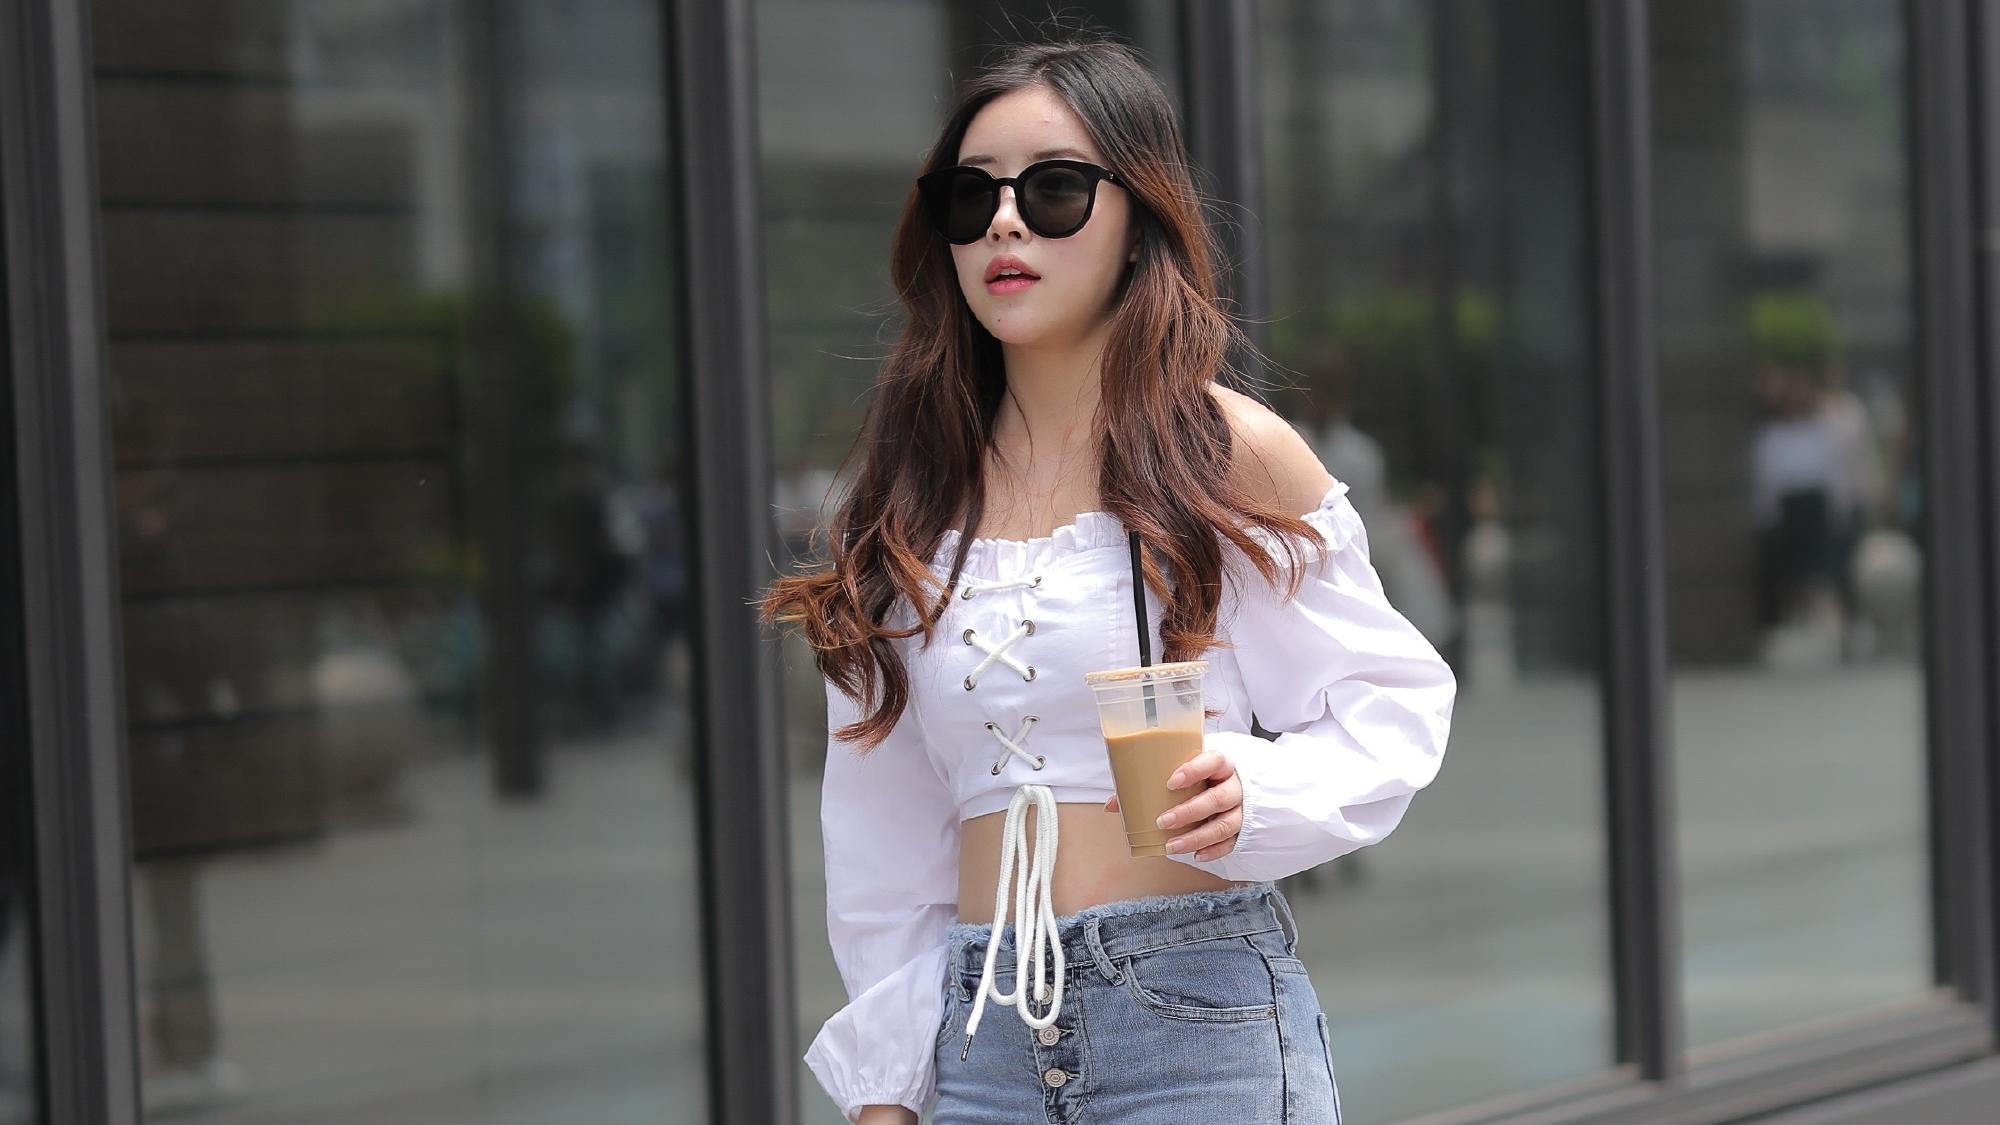 潮流牛仔裤搭配一字肩上衣,勾勒完美腰身,穿出自信女人味!